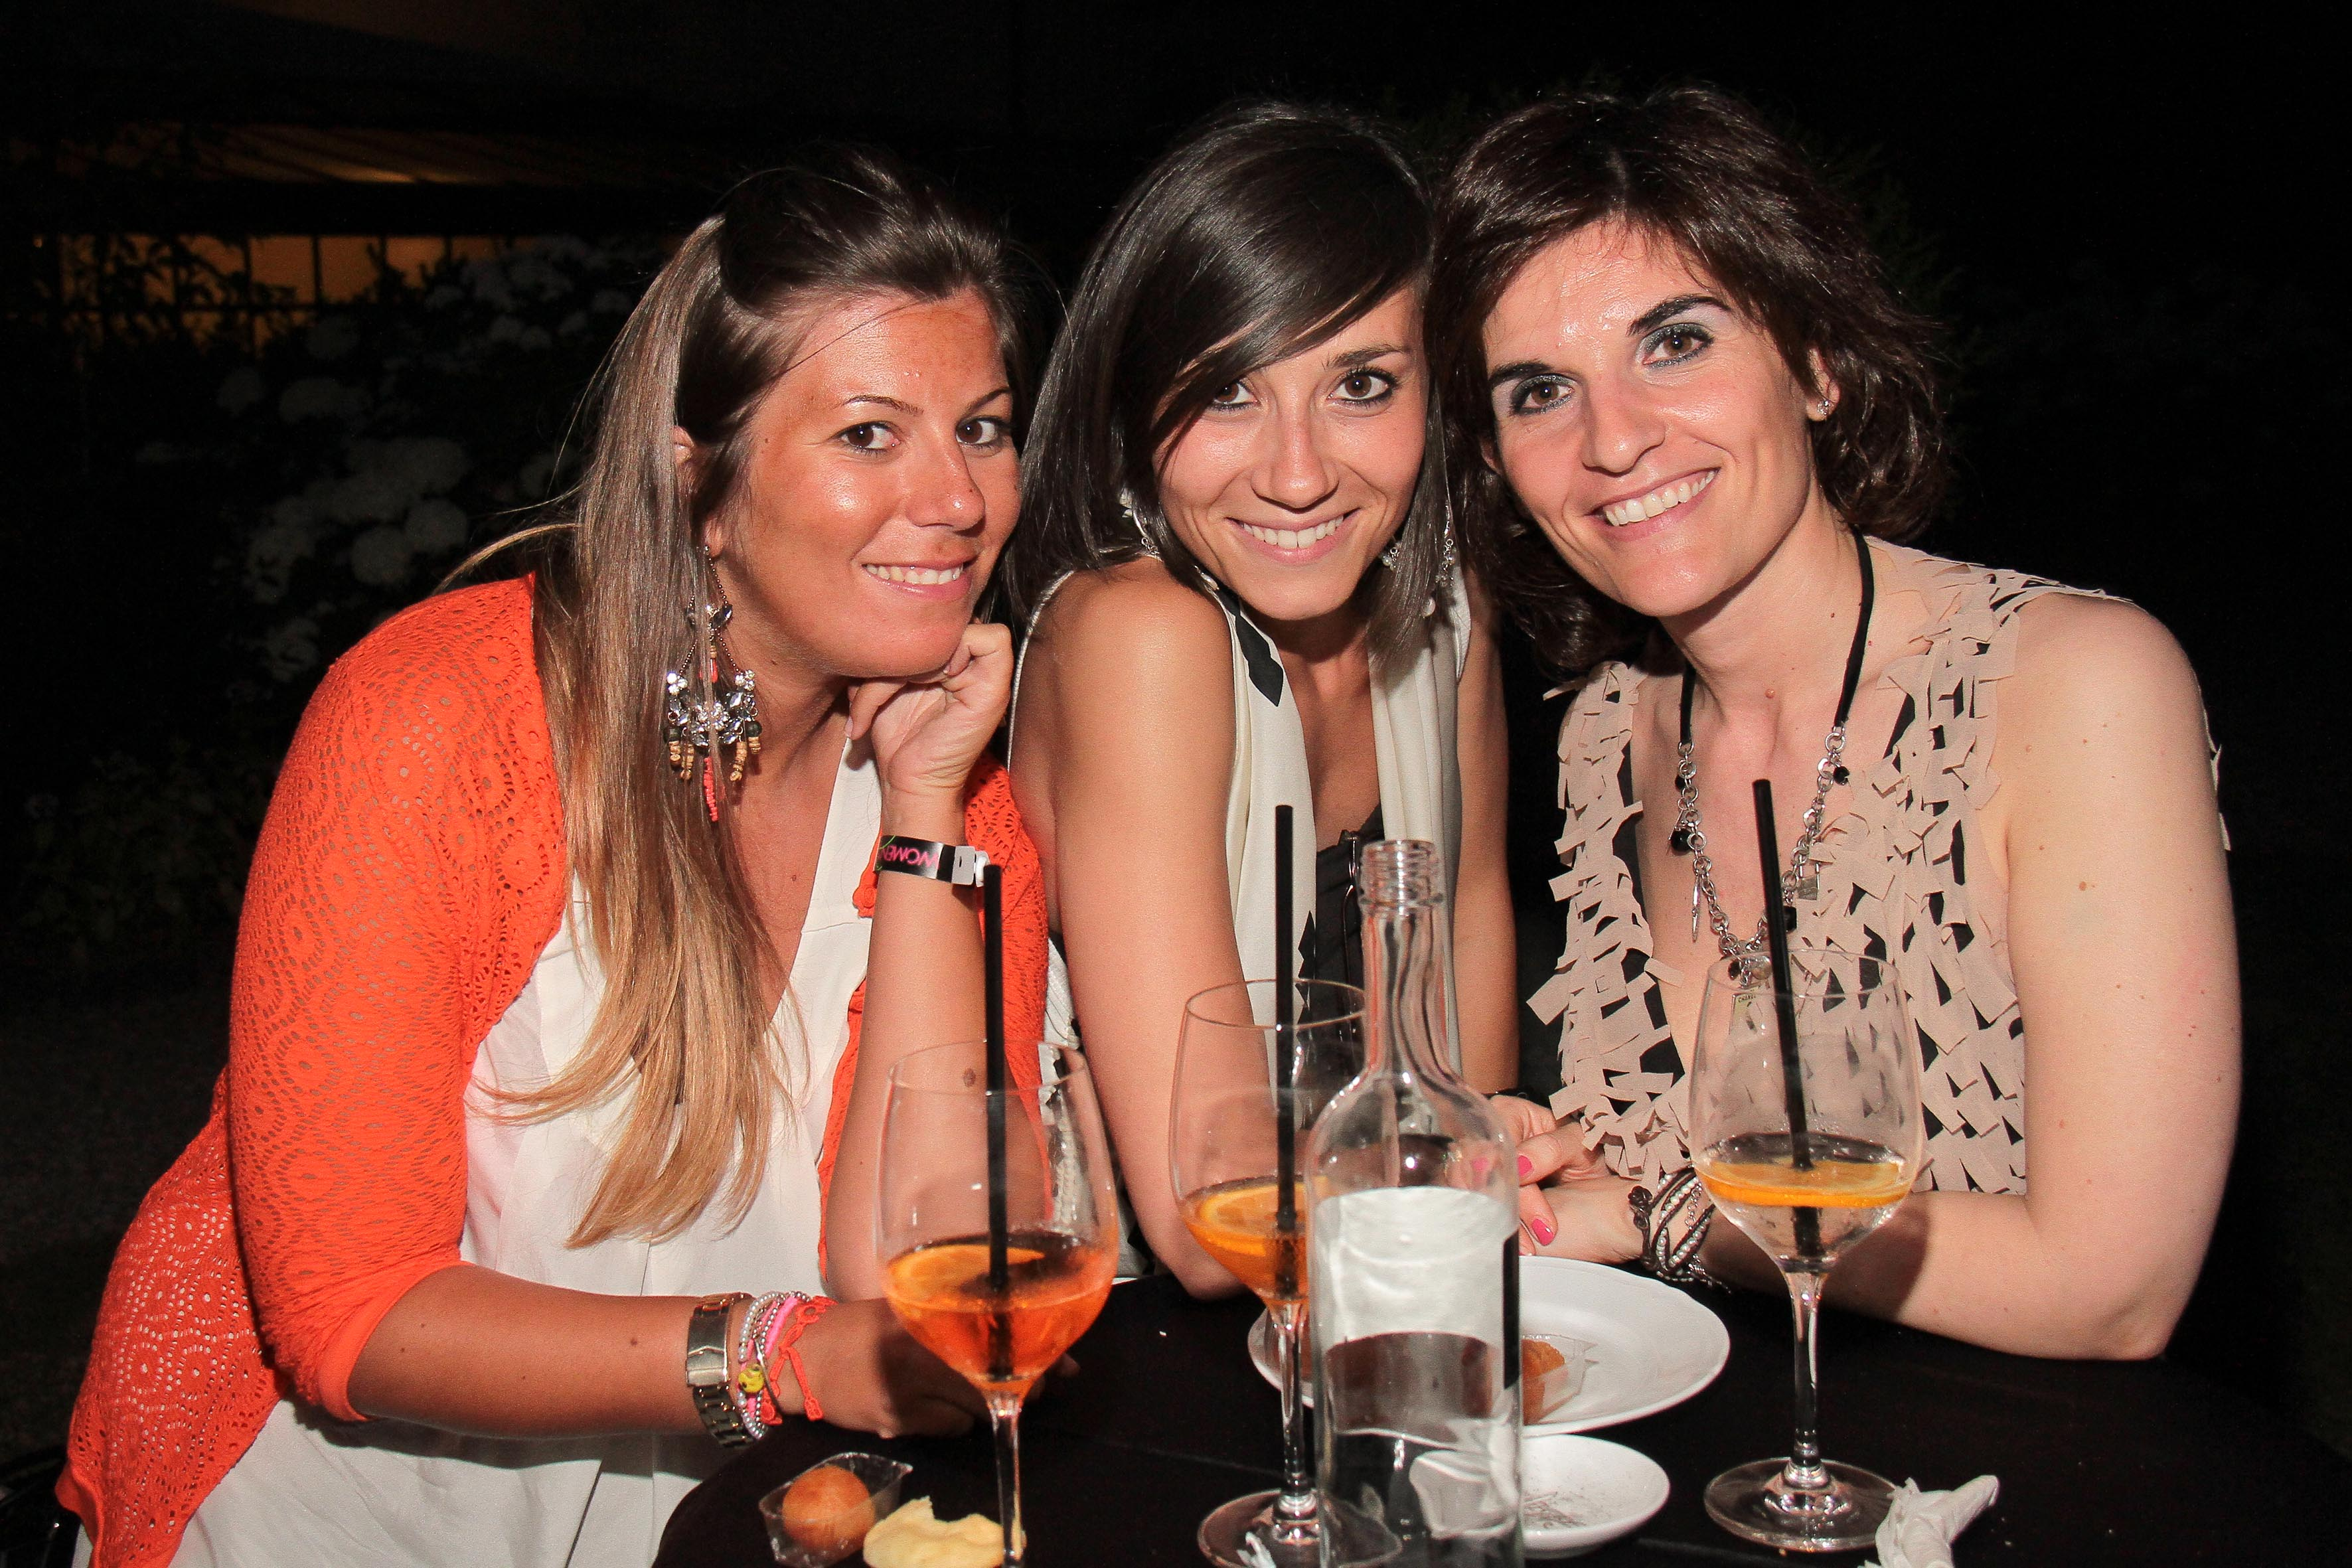 PRESSPHOTO Firenze, LOFT, evento Kocca. Nella foto Caterina Raffa, Chiara Gavioli, Silvia Tozzi giuseppe cabras/new press photo